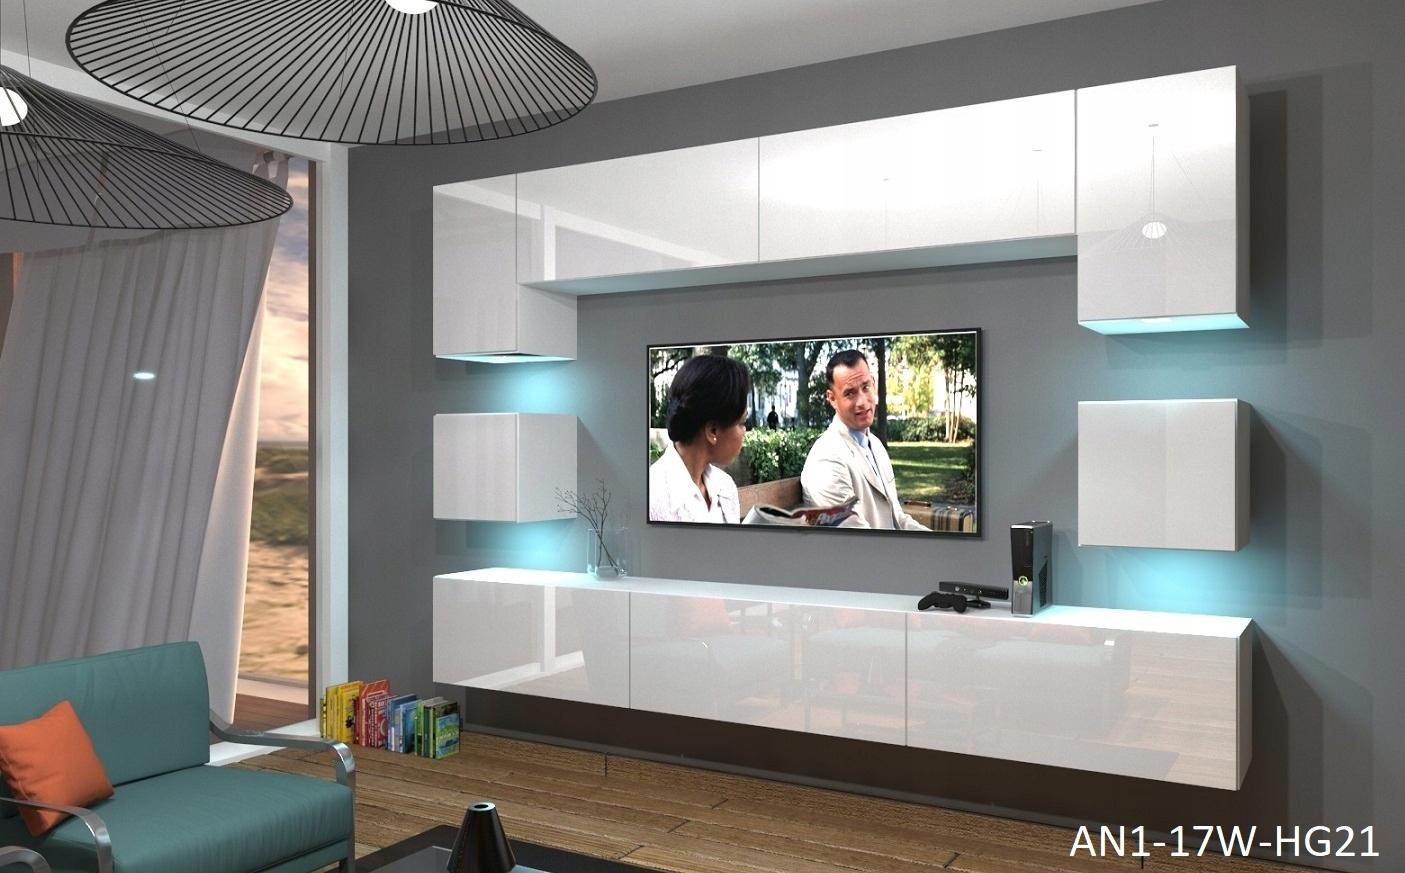 Full Size of Wohnzimmer Schrankwand Mit Viel Stauraum Wohnzimmer Schrankwand Schwarz Wohnzimmer Schrankwand über Eck Wohnzimmer Schrankwand Kaufen Wohnzimmer Wohnzimmer Schrankwand